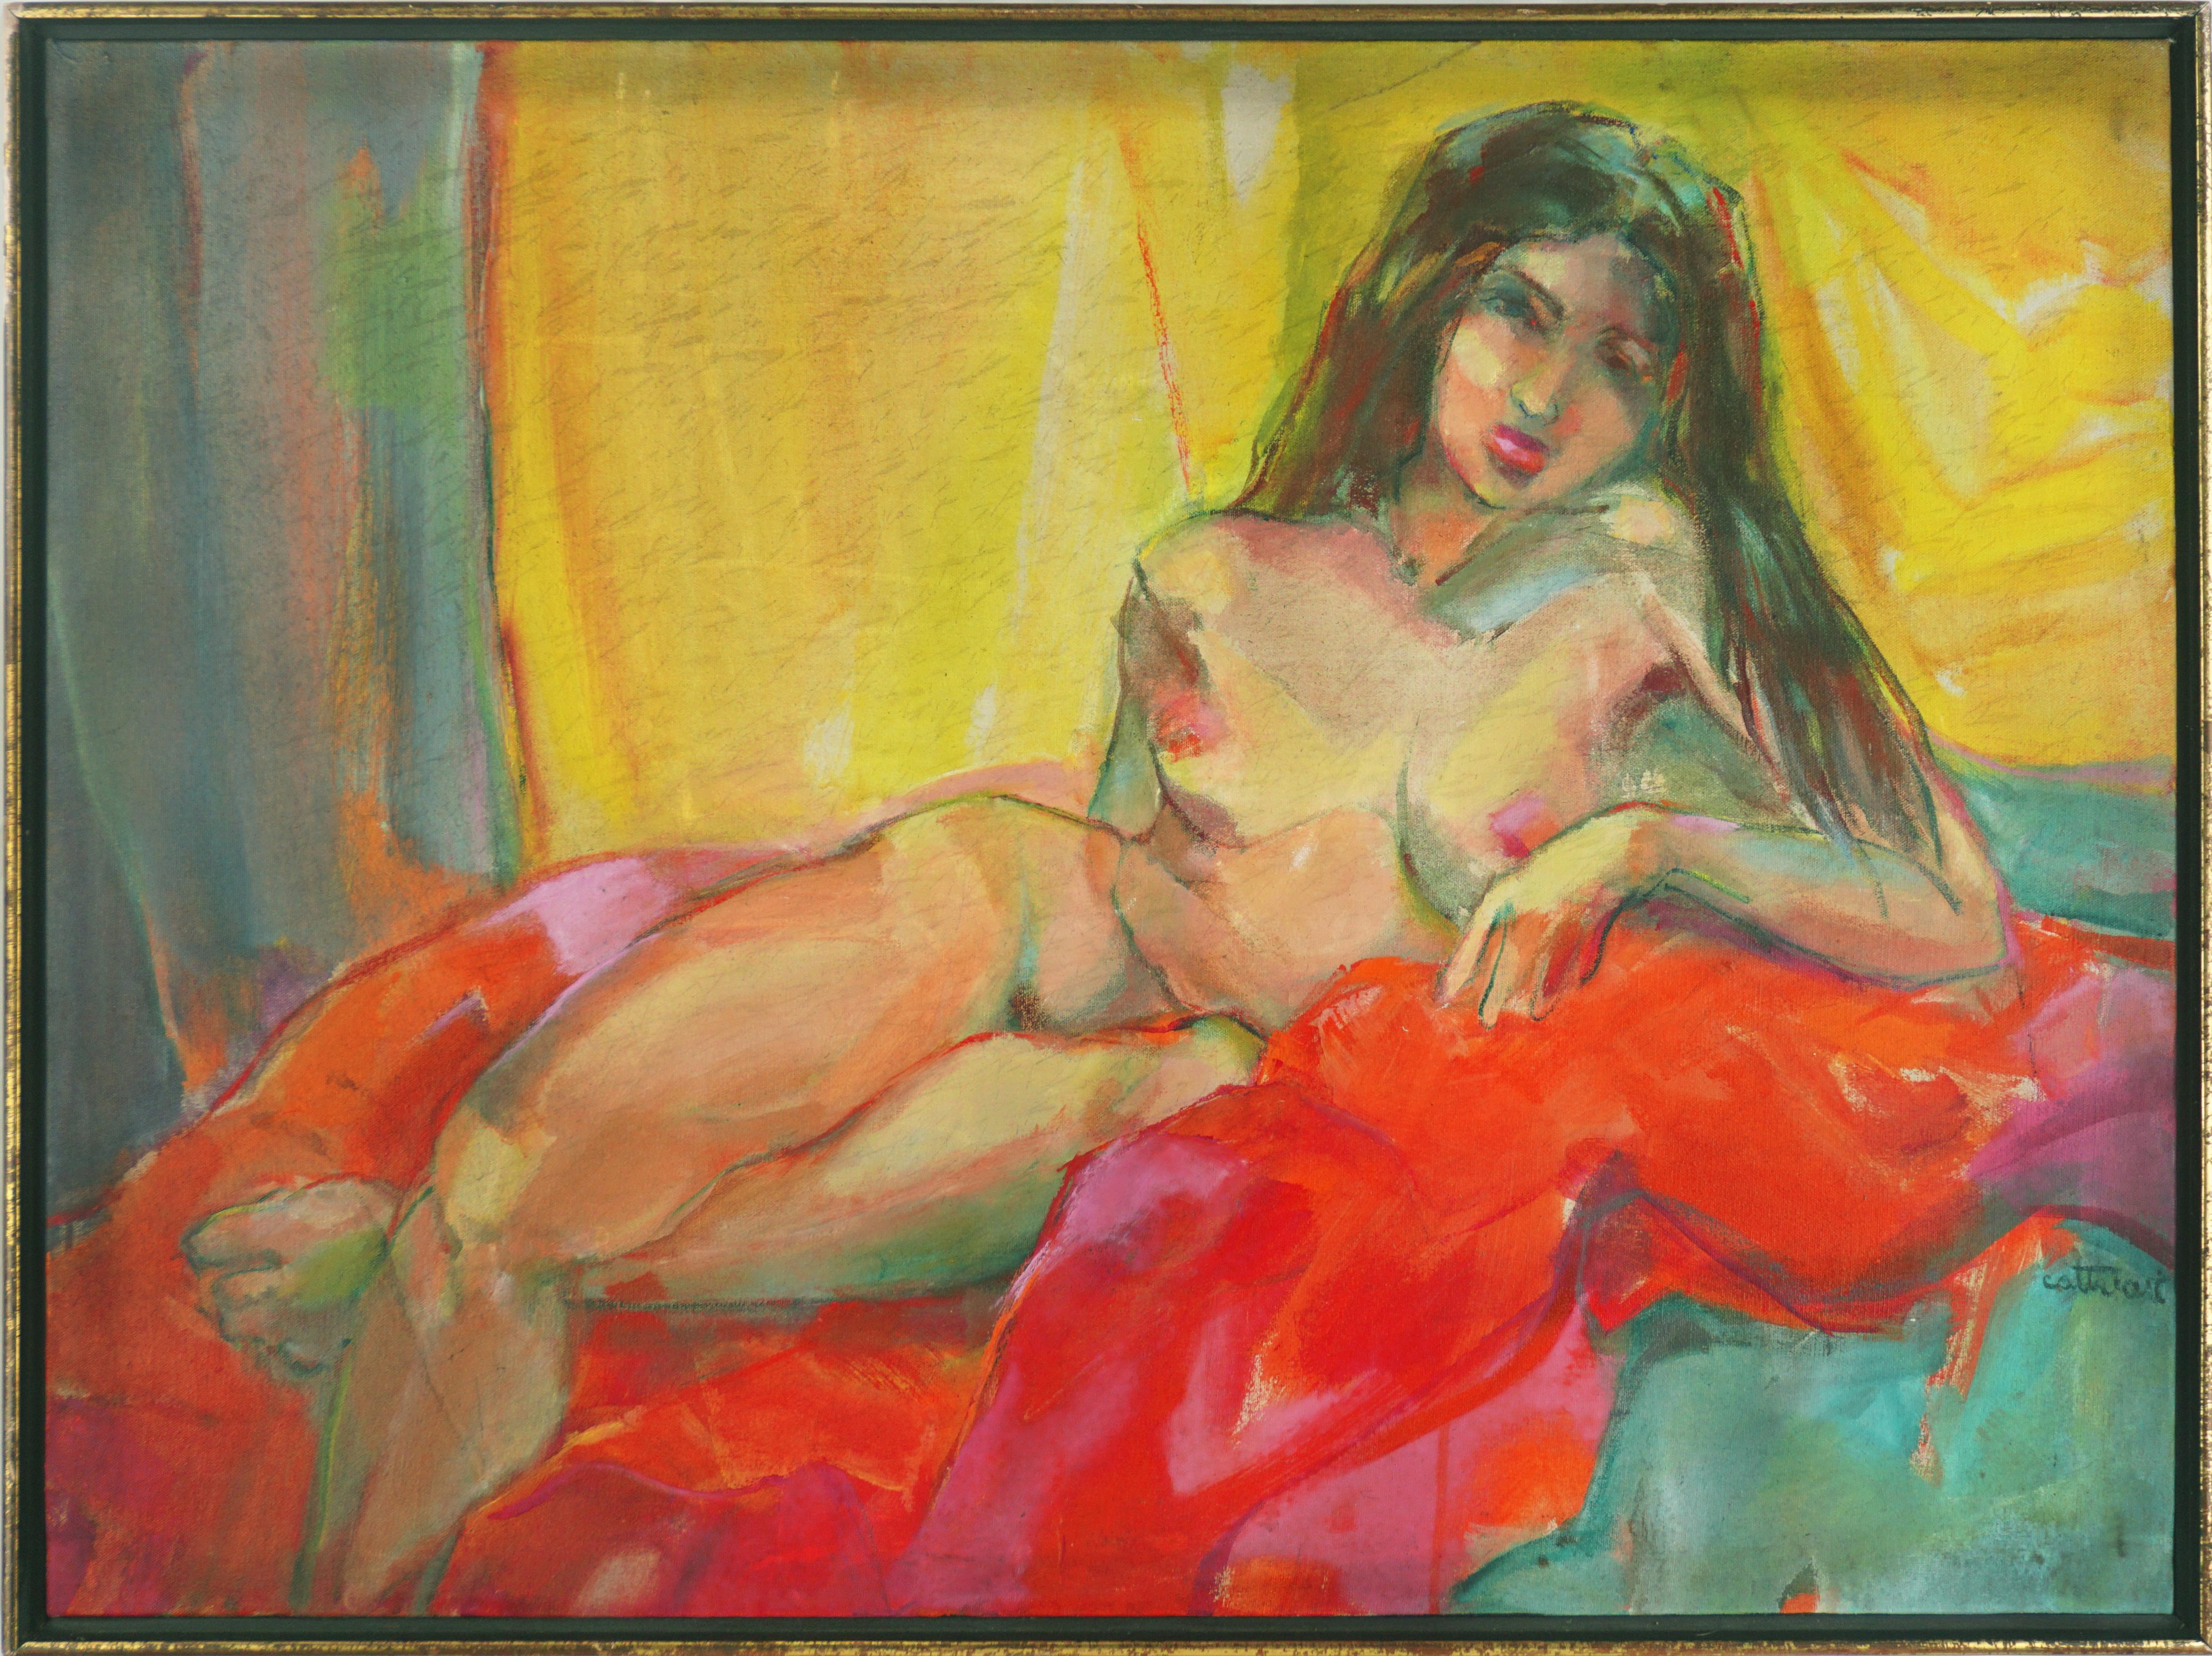 Brunette Nude Study - Bay Area Figurative